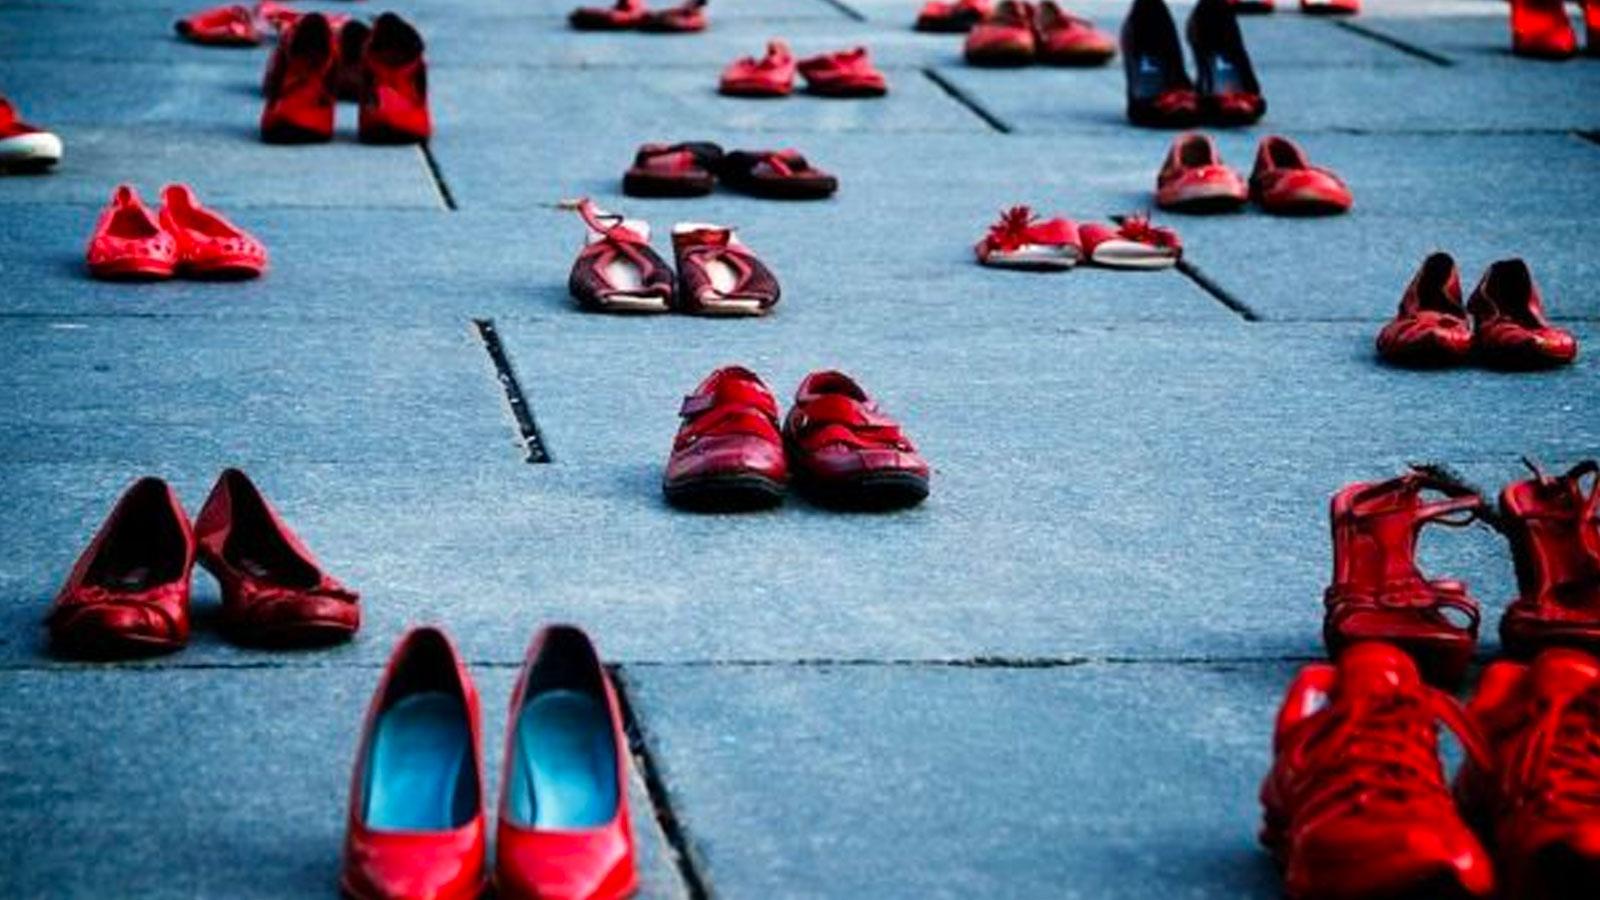 Photo of Թուրքիայում 2021-ի հունվարին տղամարդկանց կողմից սպանվել է 23 կին